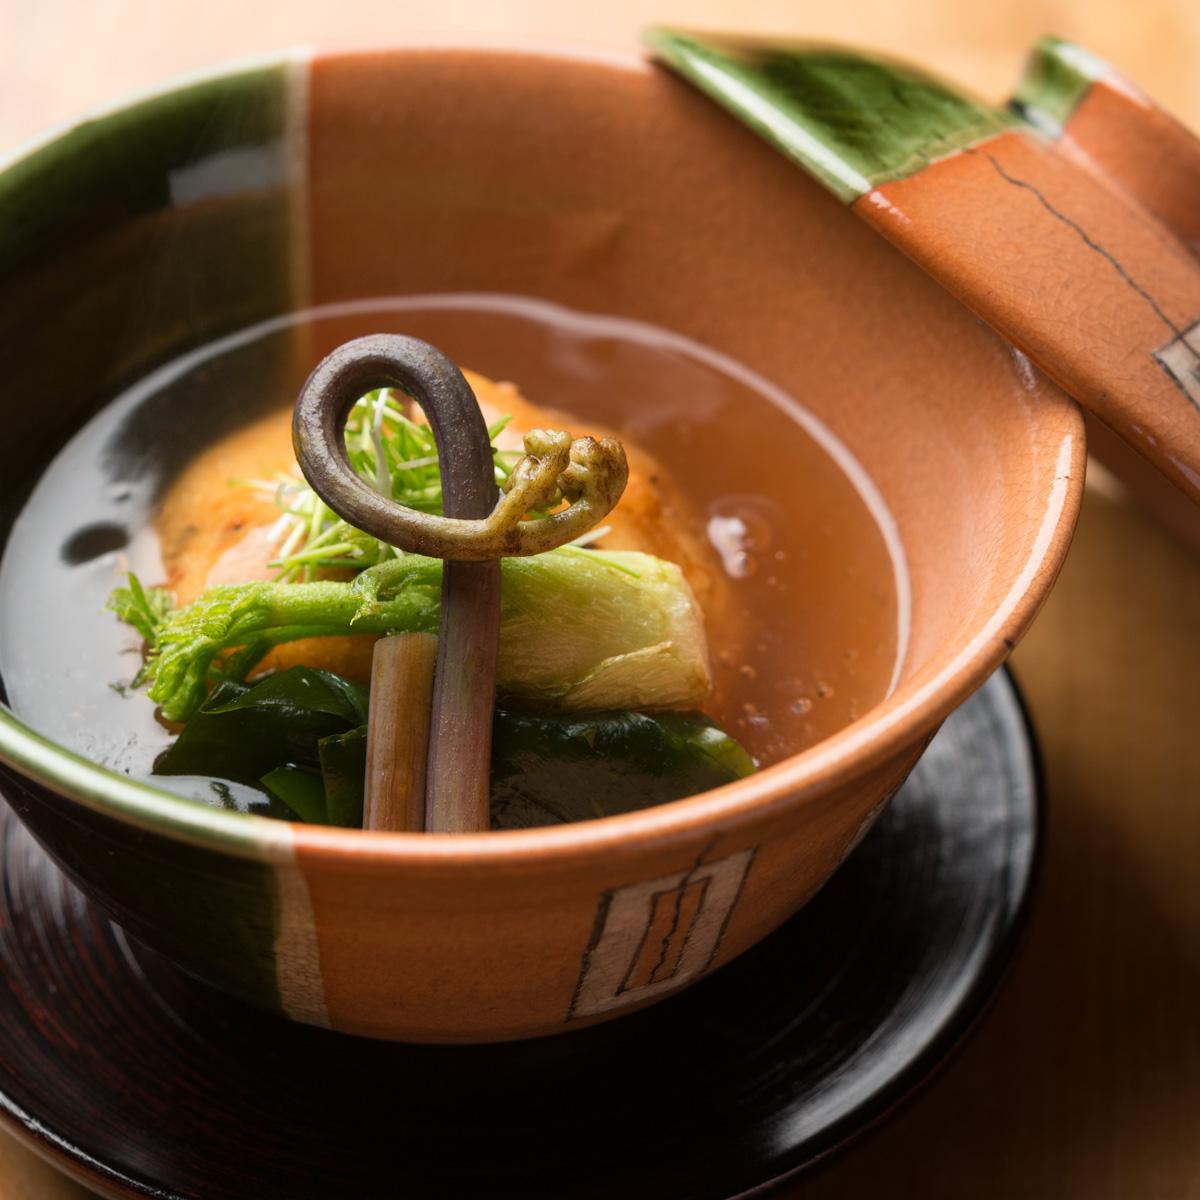 煮物 桜海老の飛龍頭と春野菜の炊き合わせ